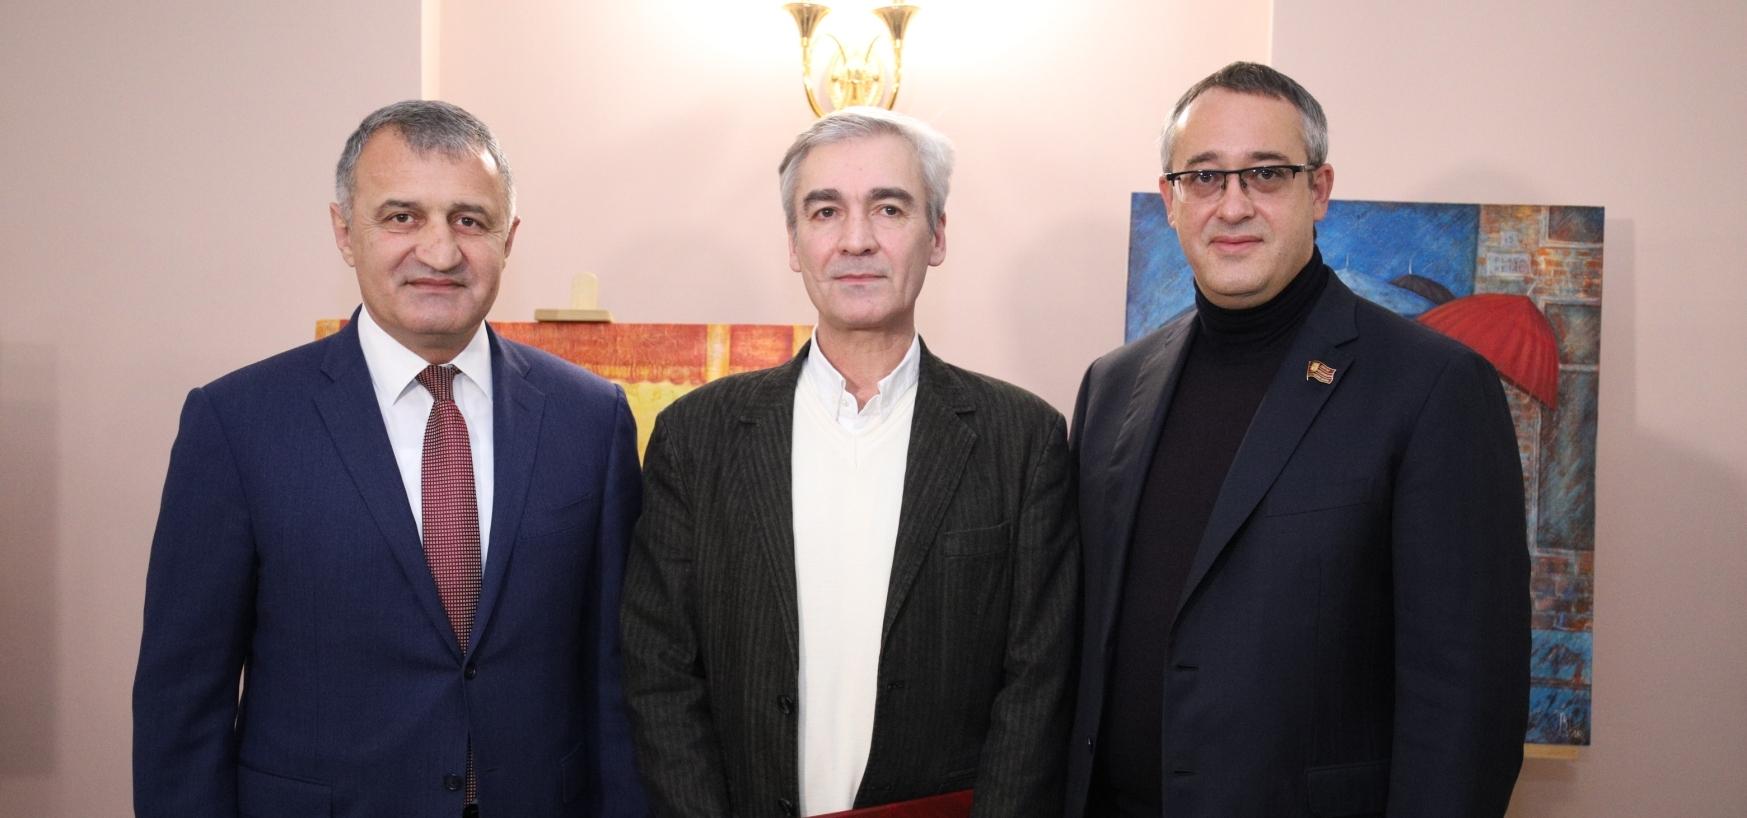 В Мосгордуме состоялась церемония открытия выставки Владимира Гобозова